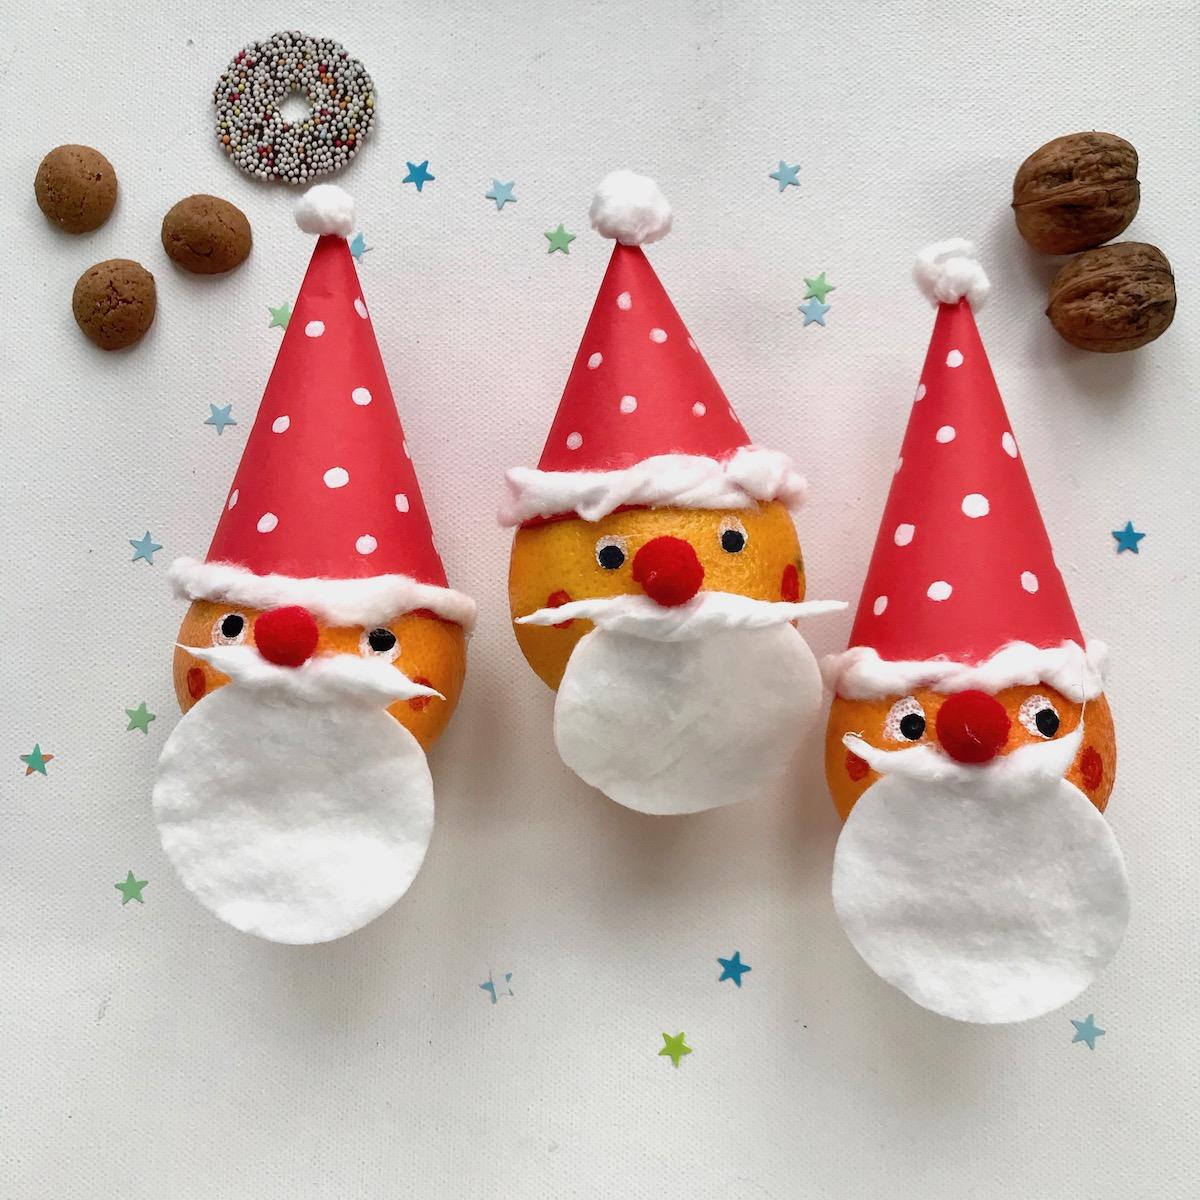 Weihnachtsmann basteln, Weihnachtsbasteln mit Kindern